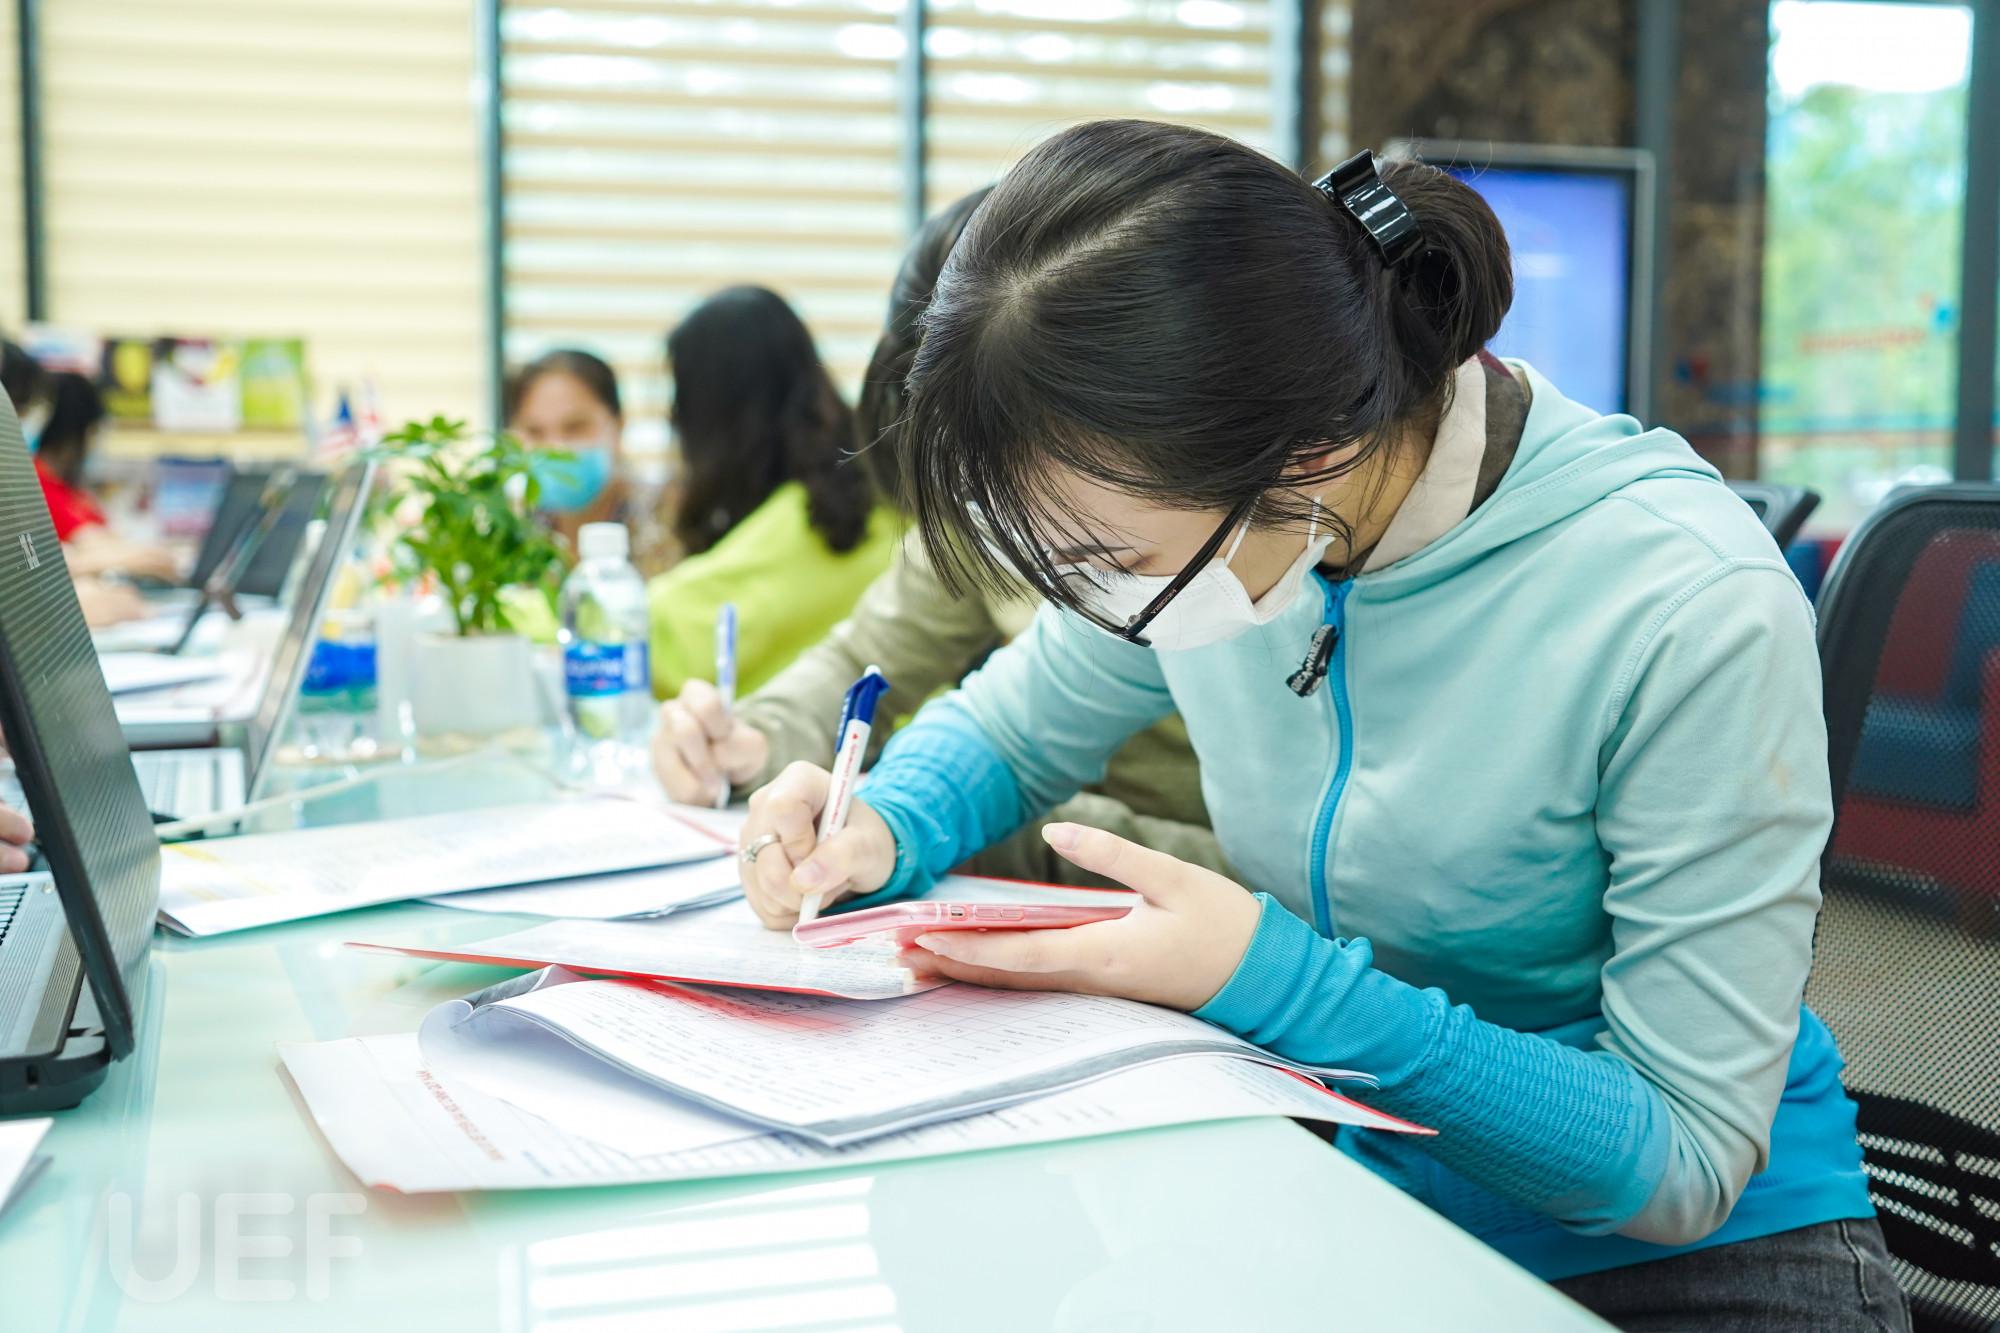 Thí sinh đăng ký xét tuyển bằng học bạ tại Trường ĐH Kinh tế Tài chính TPHCM